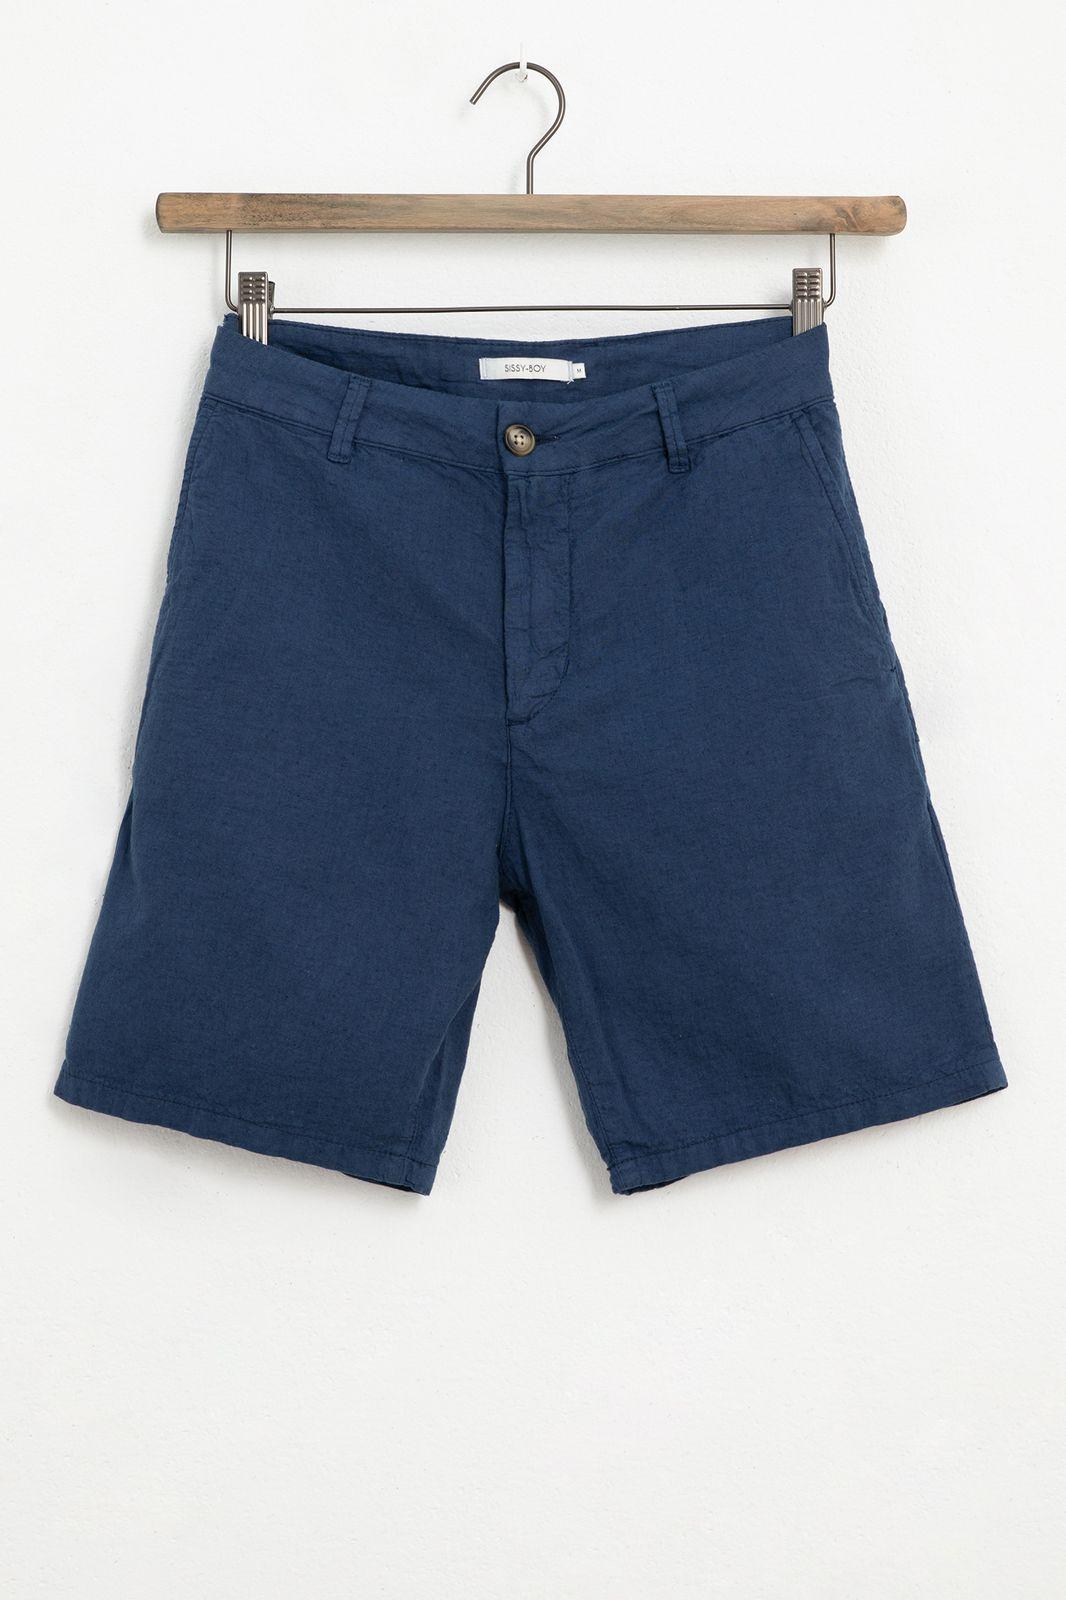 Donkerblauwe chino shorts